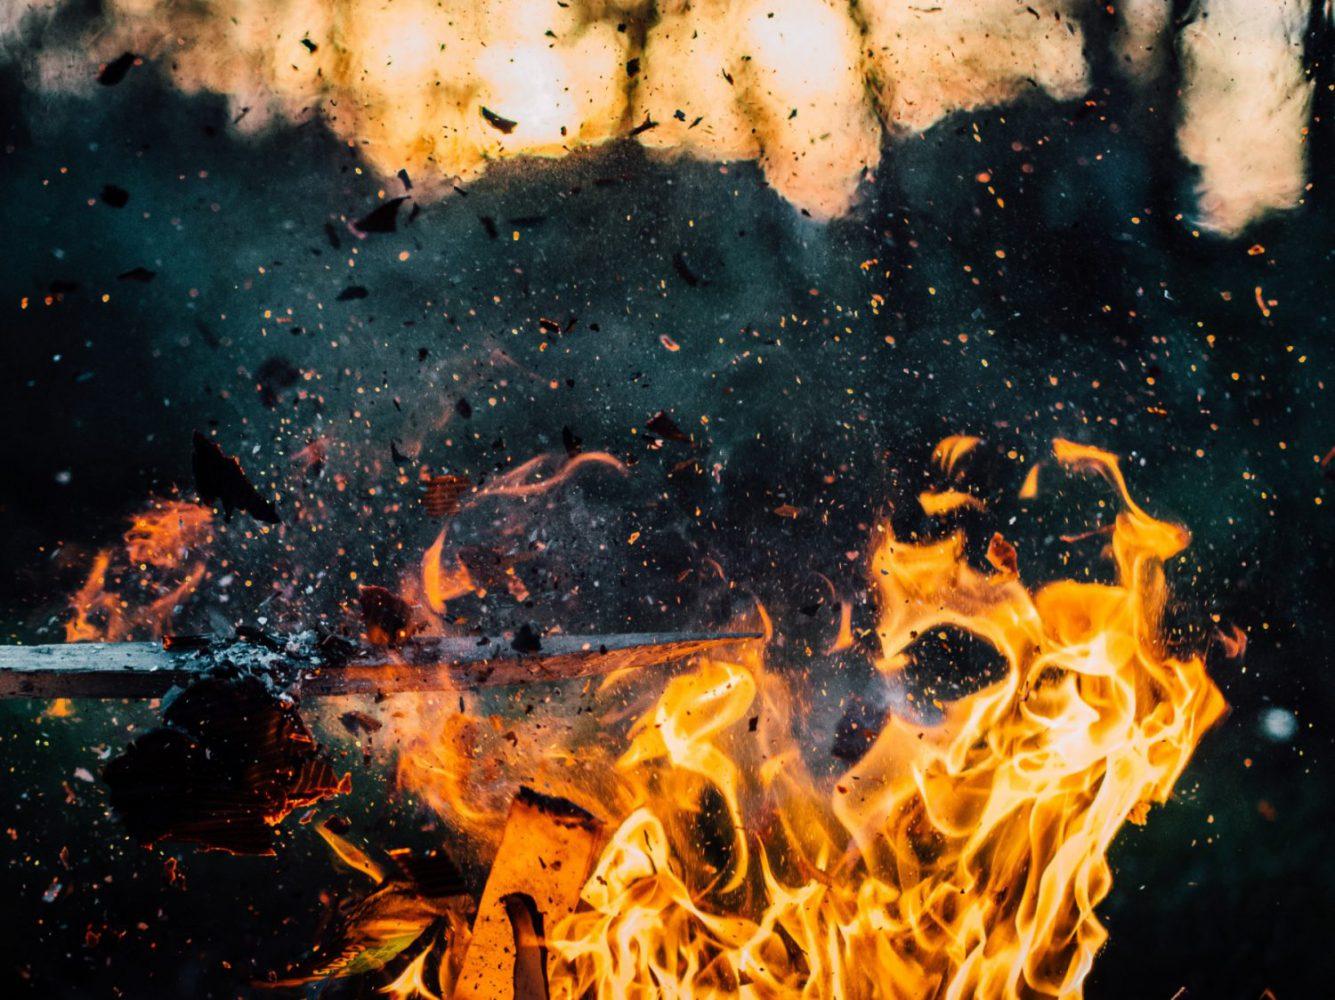 Incendio Imc